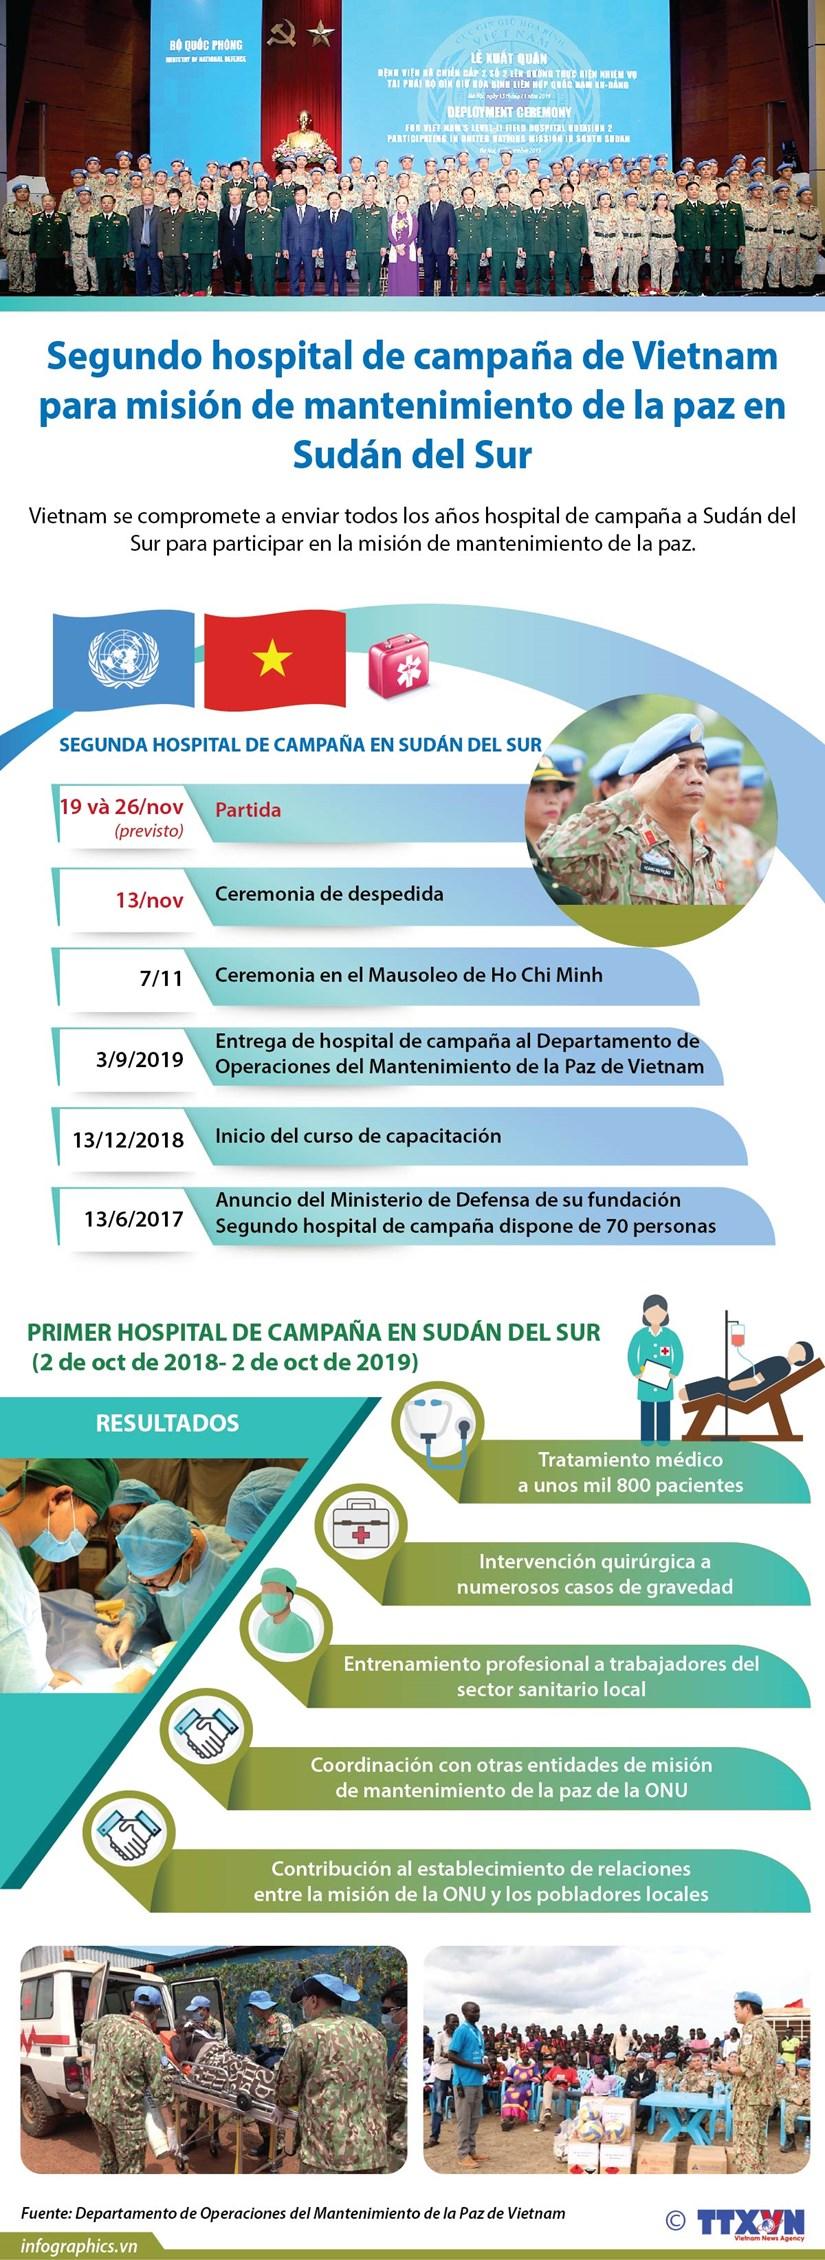 [Info] Segundo hospital de campana de Vietnam para mision de mantenimiento de la paz en Sudan del Sur hinh anh 1